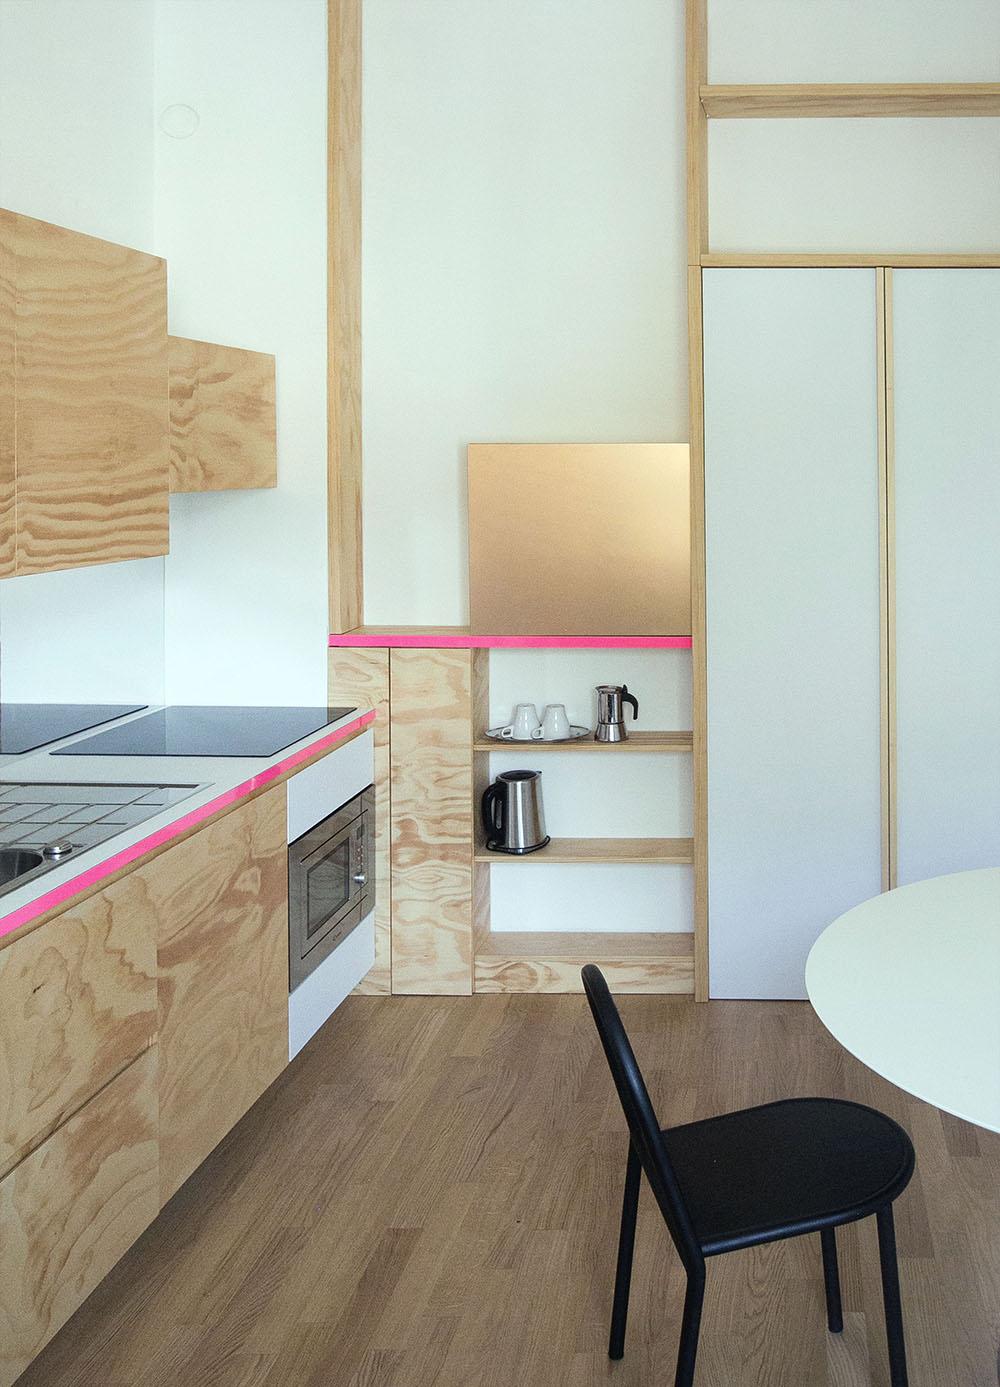 progetto-interni-appartamento-cucina-tavolo